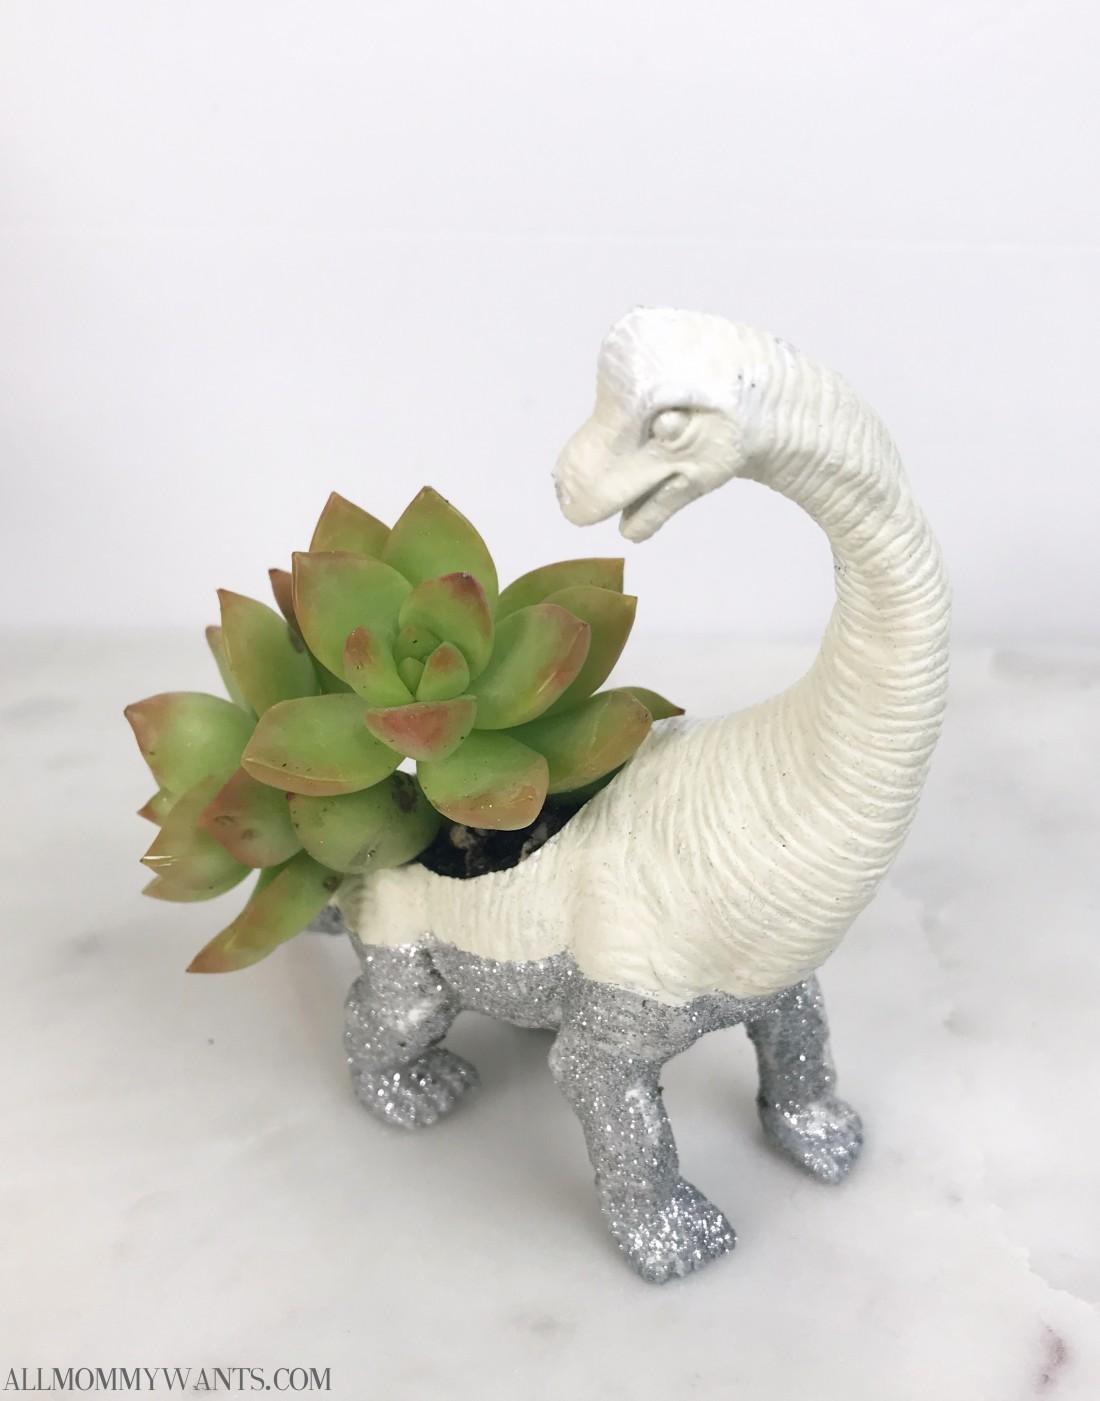 Omg! The Cutest Diy Succulent Dollar Tree Craft